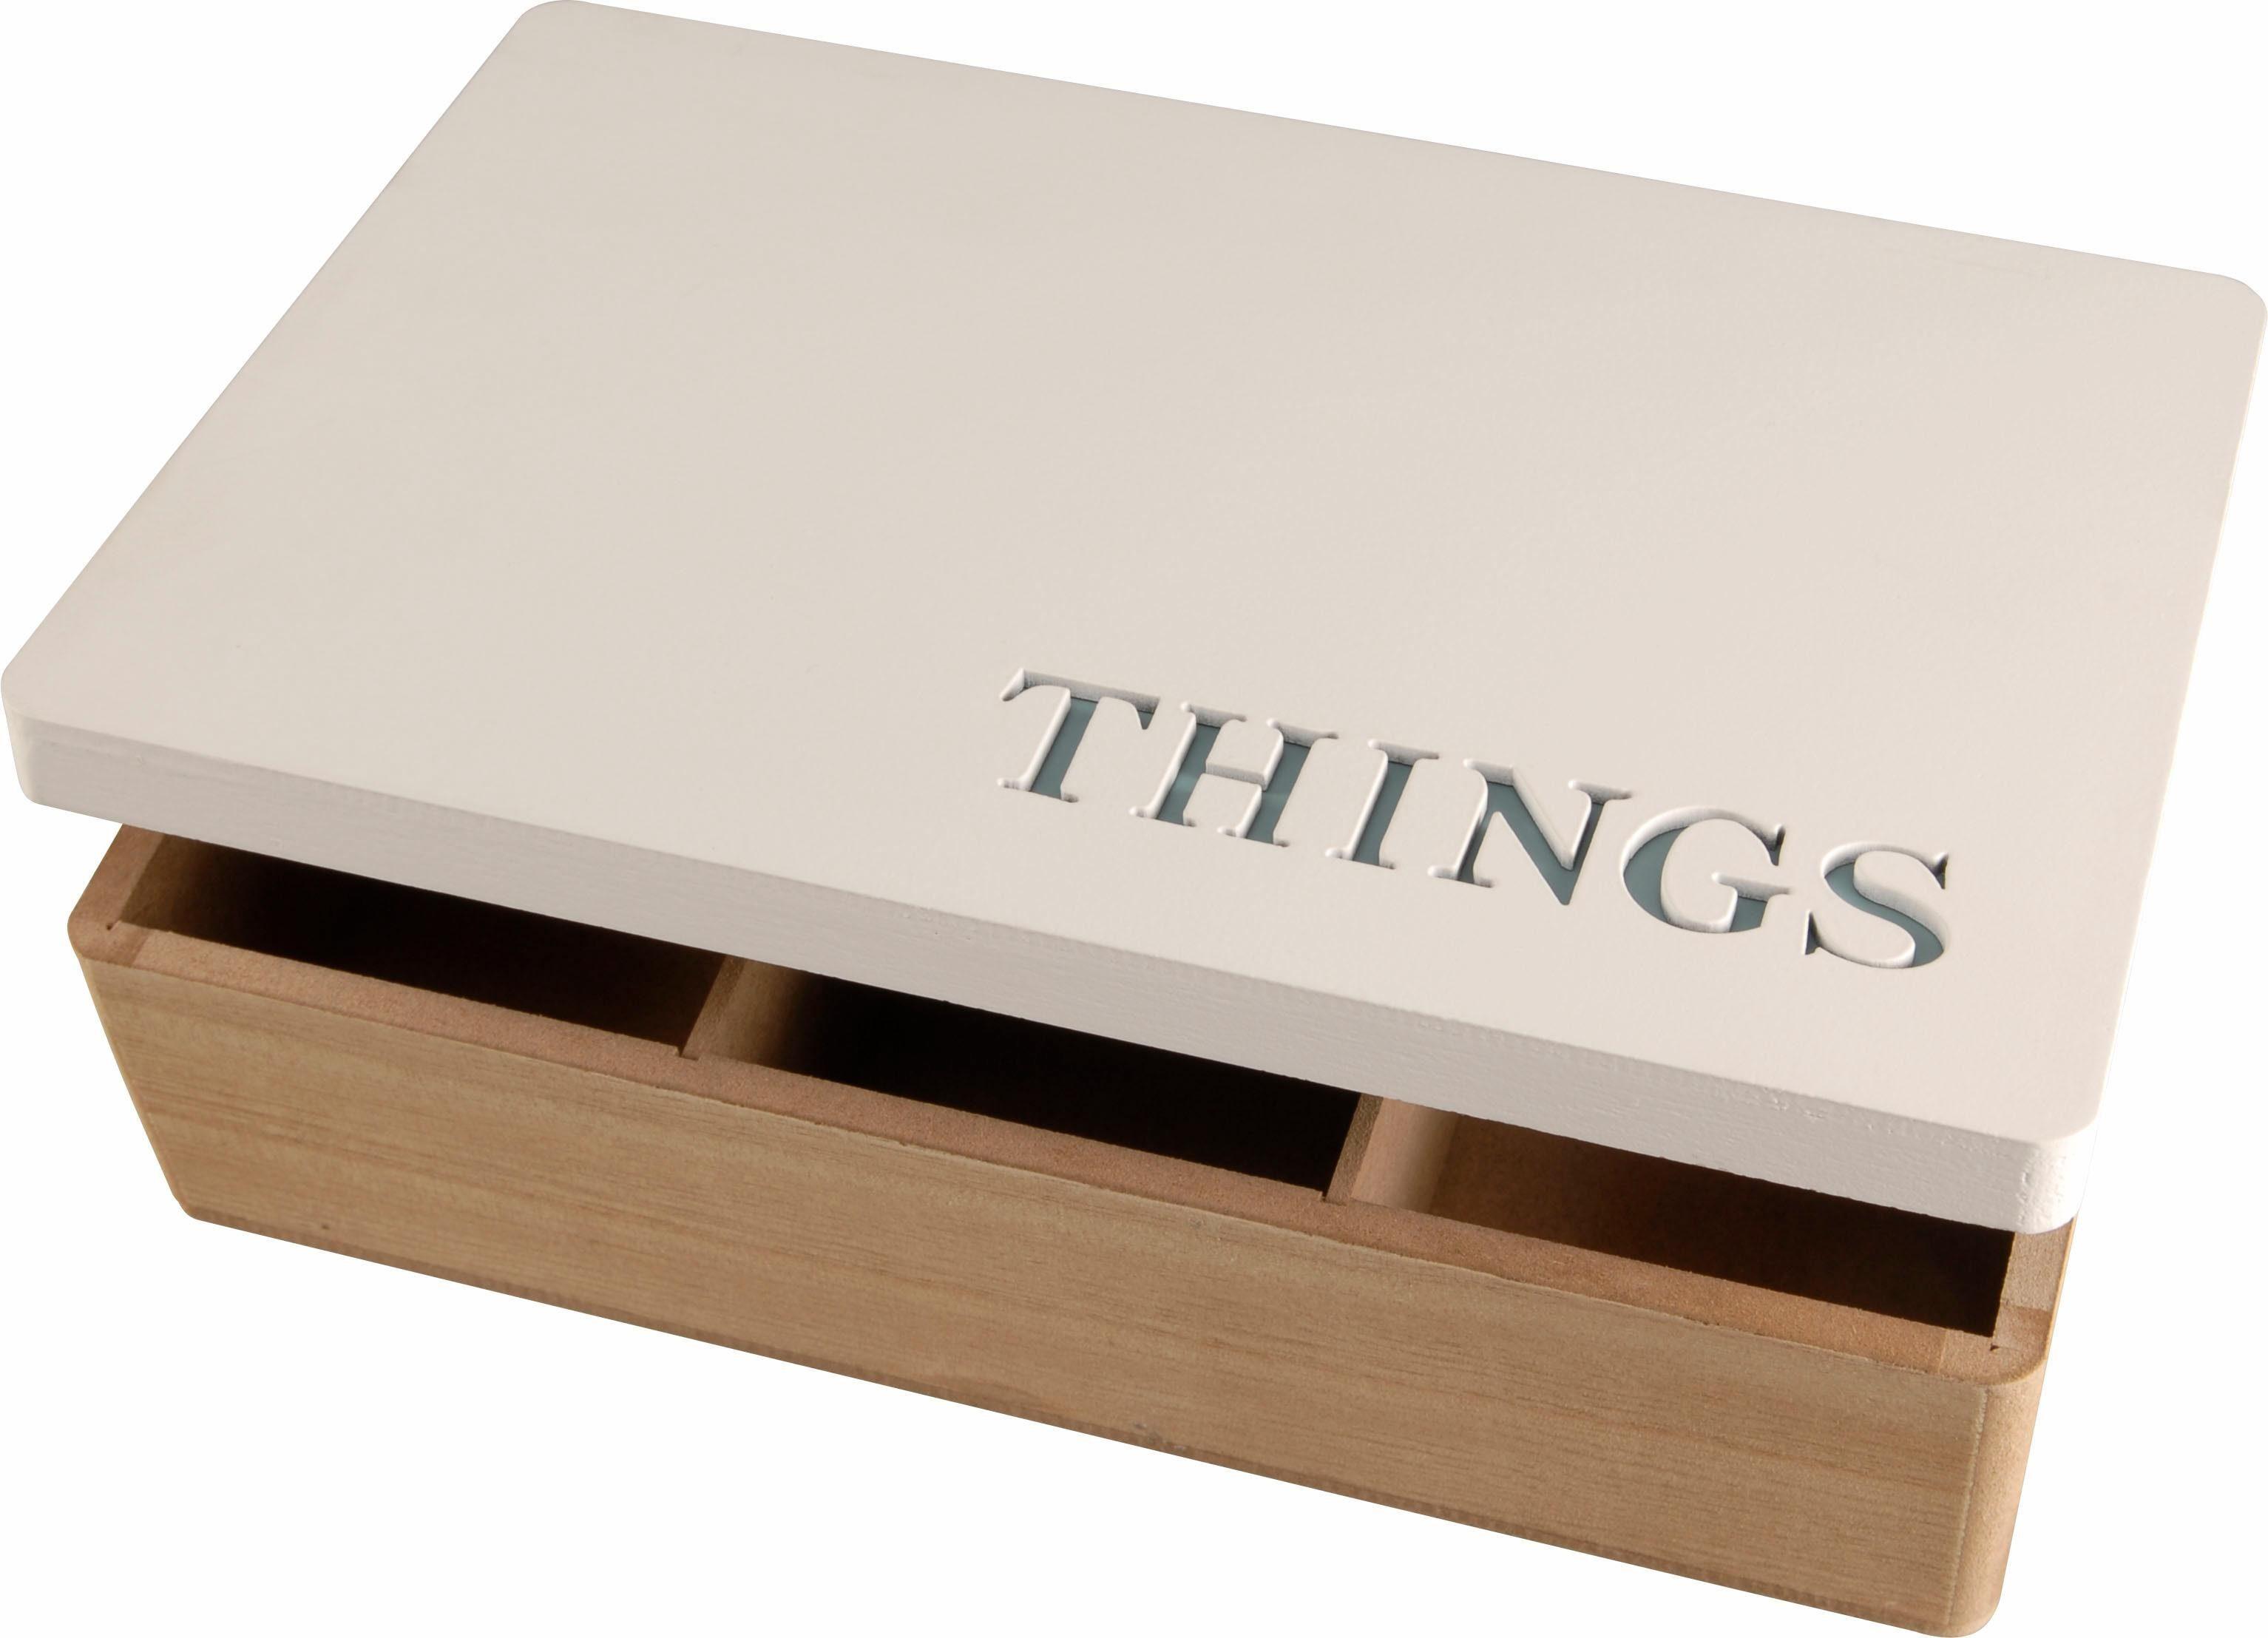 andas Box »Things«